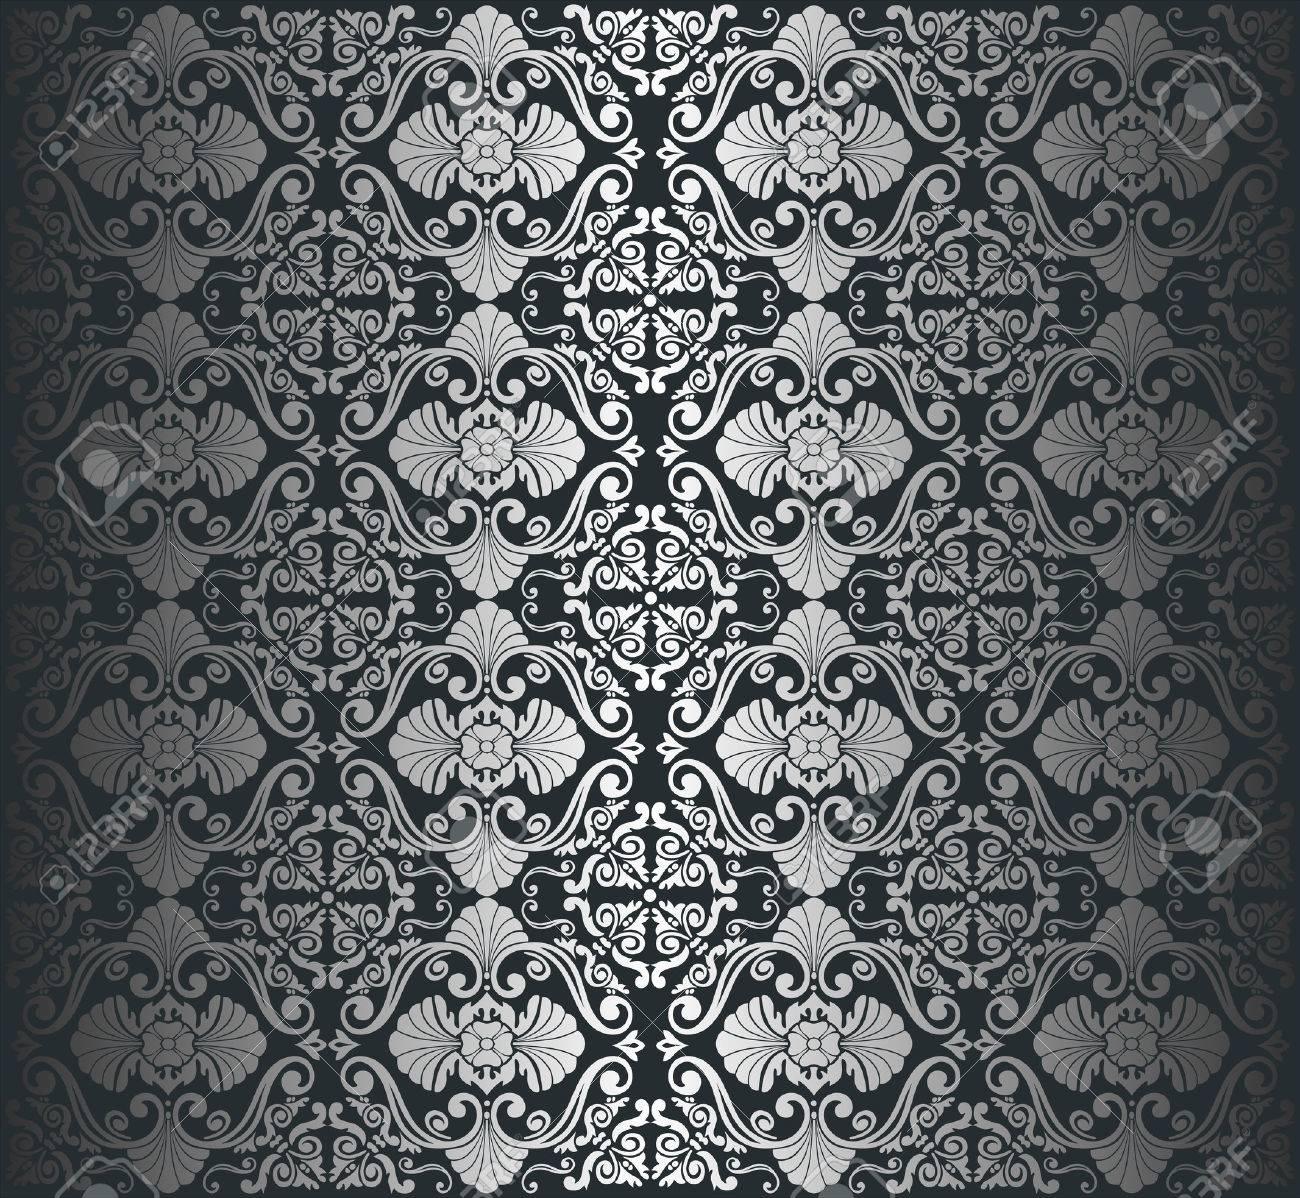 黒銀高級ビンテージ壁紙の背景のイラスト素材 ベクタ Image 26374261